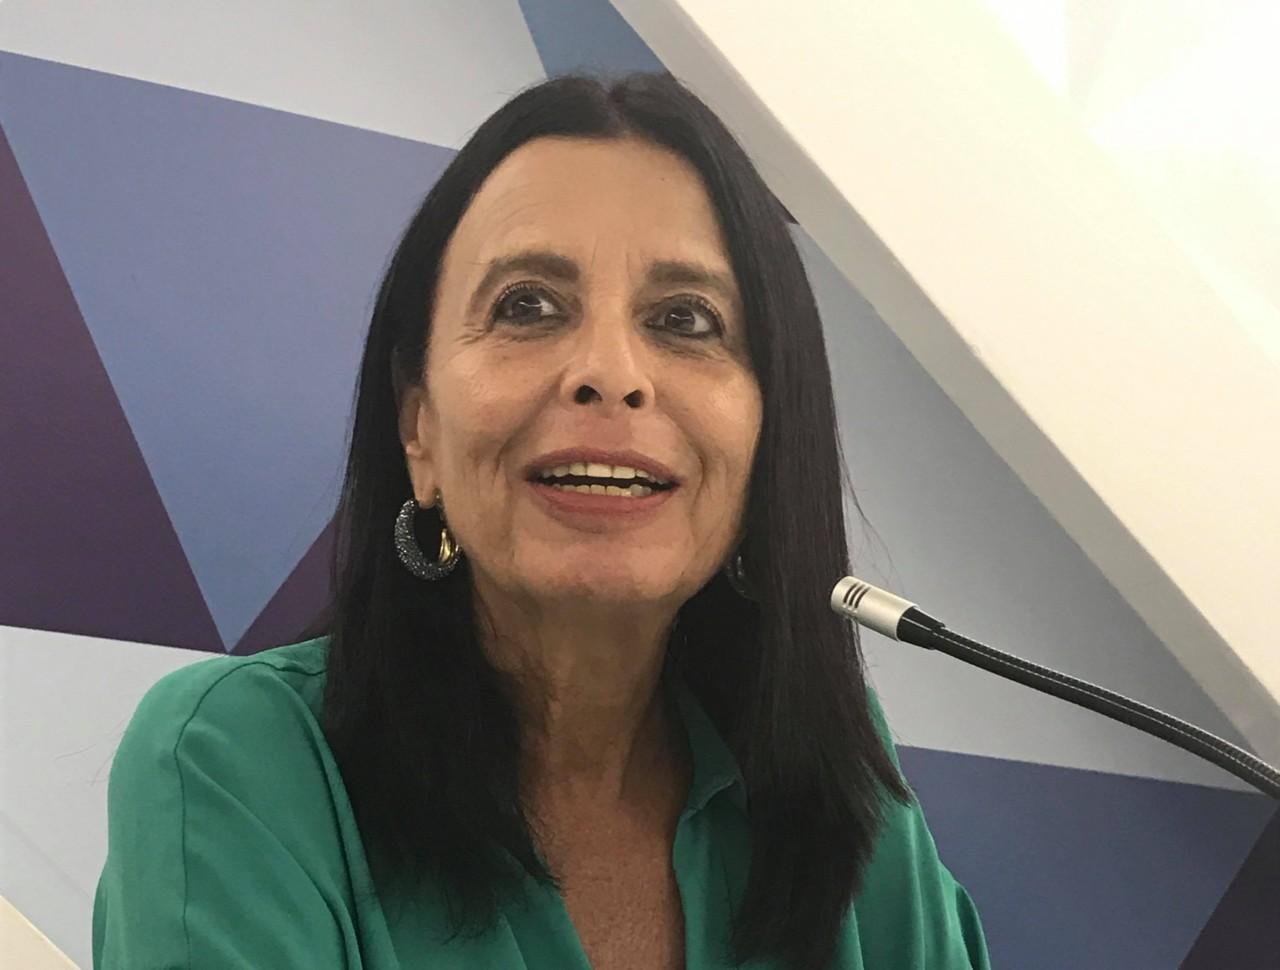 159d819dc10ada8df25525bac33fe1b2 - VEJA VÍDEOS: Iraê Lucena fala sobre o papel da mulher e o cenário político atual